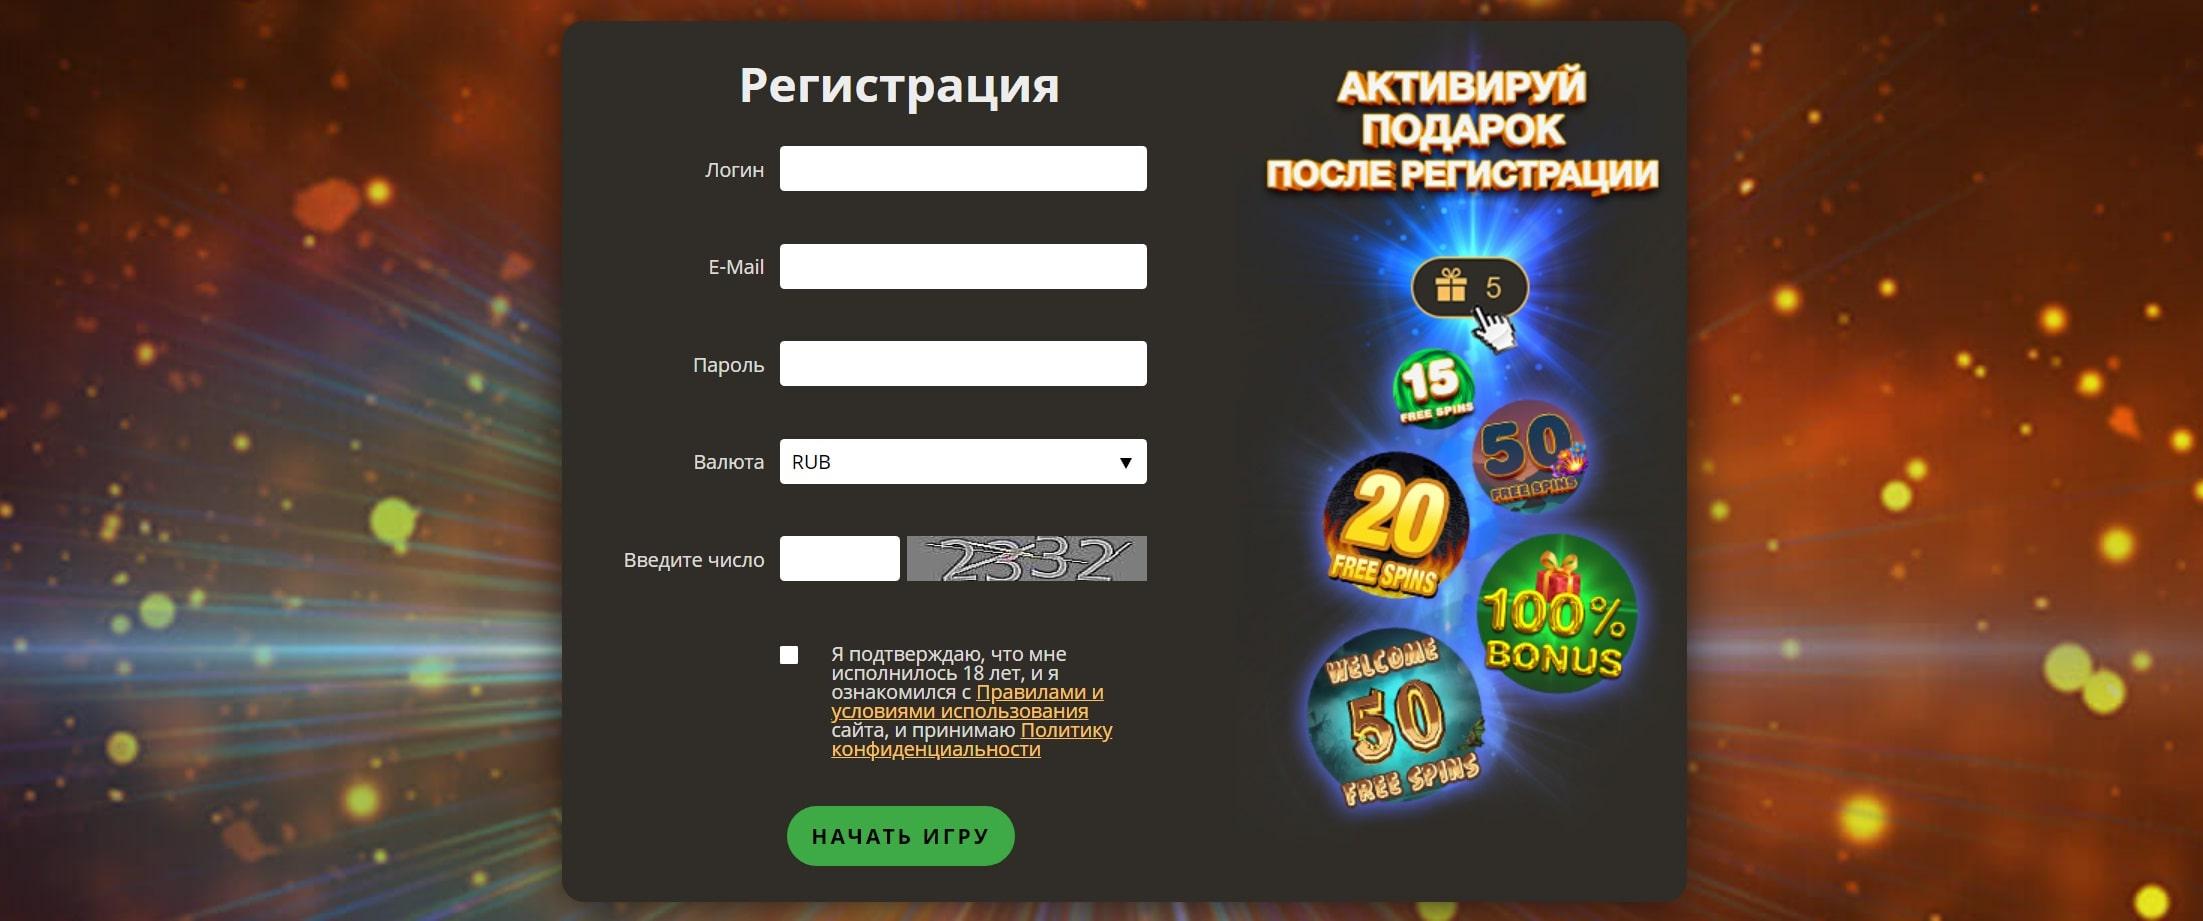 Регистрация в онлайн казино Плей Фортуна